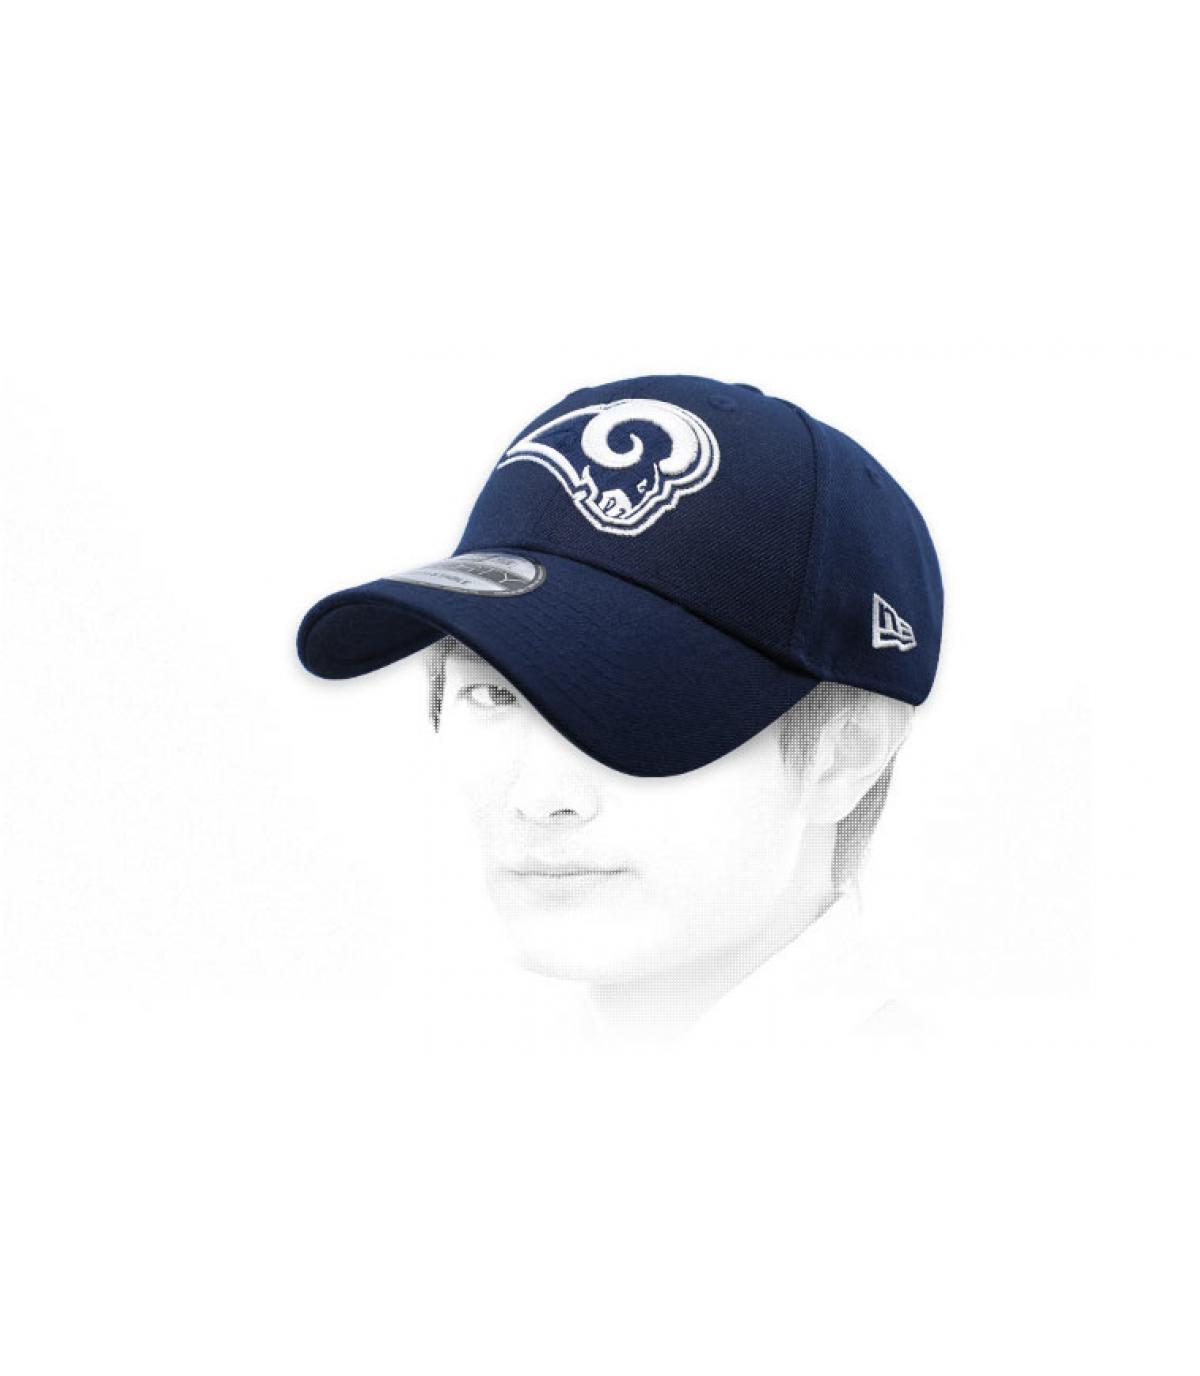 Rams curva cape blu